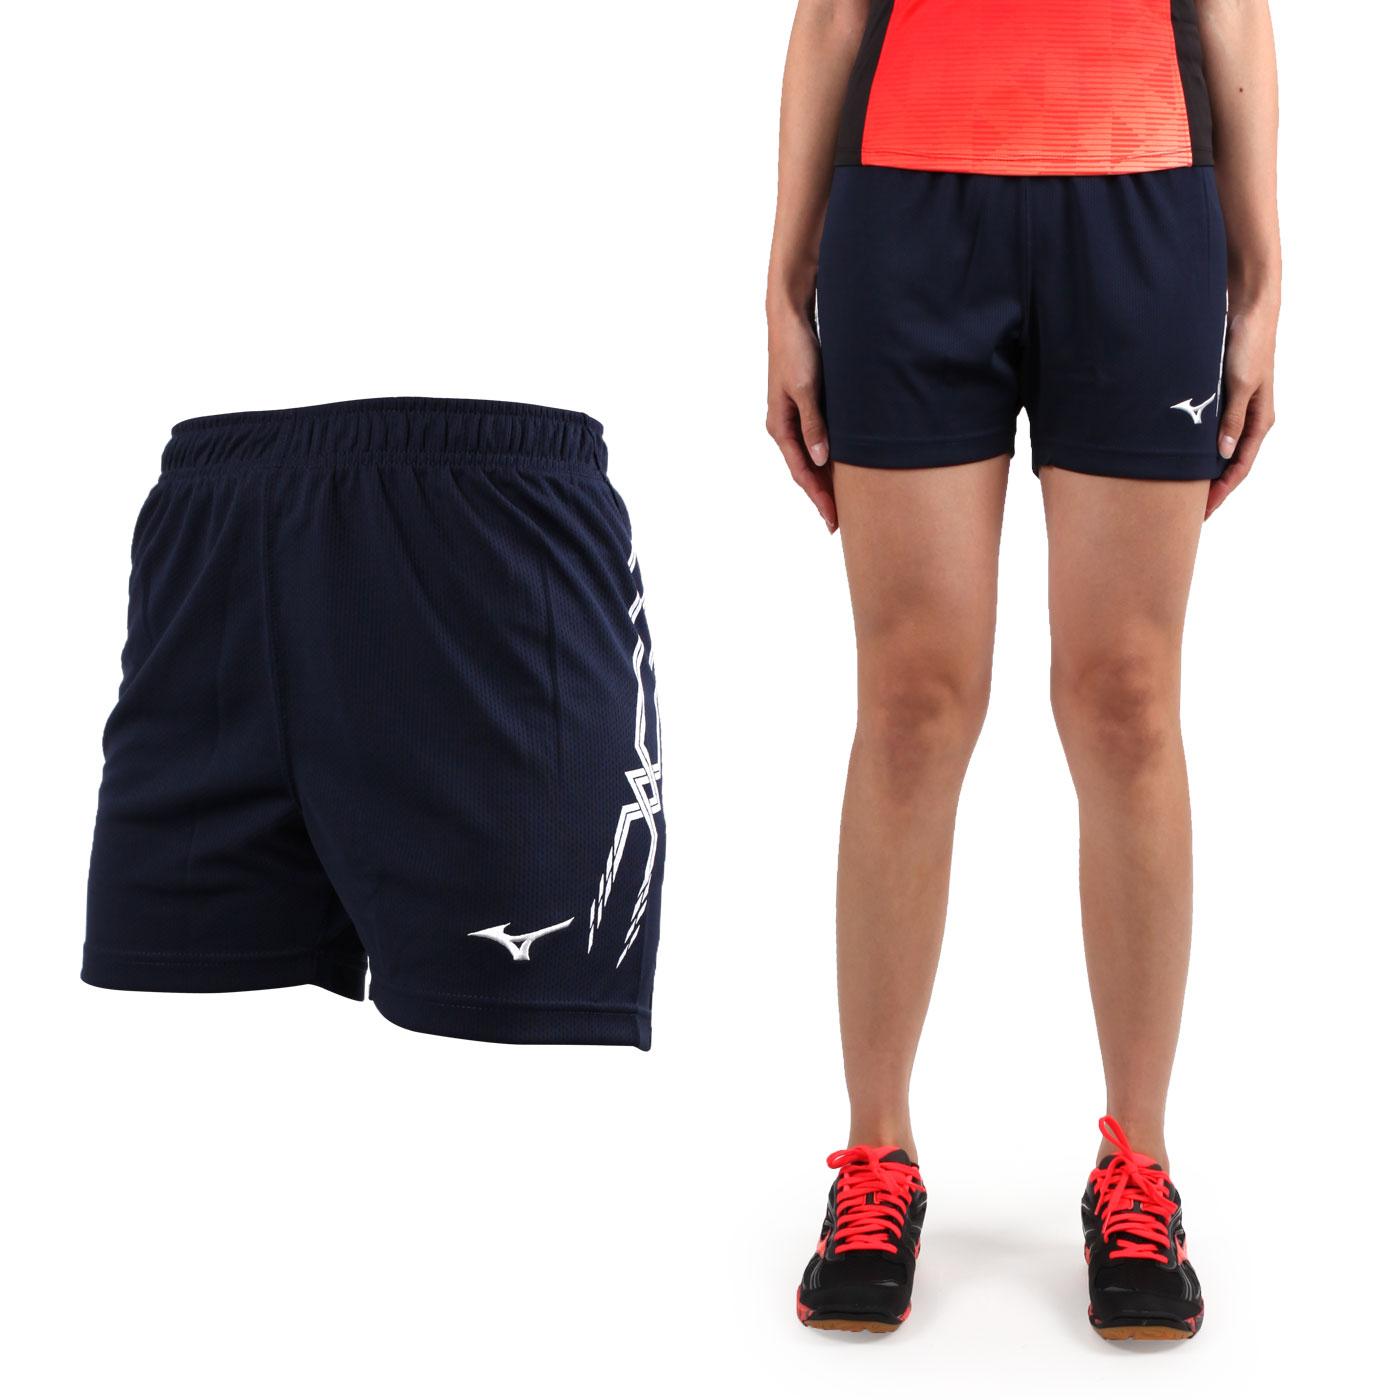 MIZUNO 女排球褲 V2TB7C1009 - 丈青白